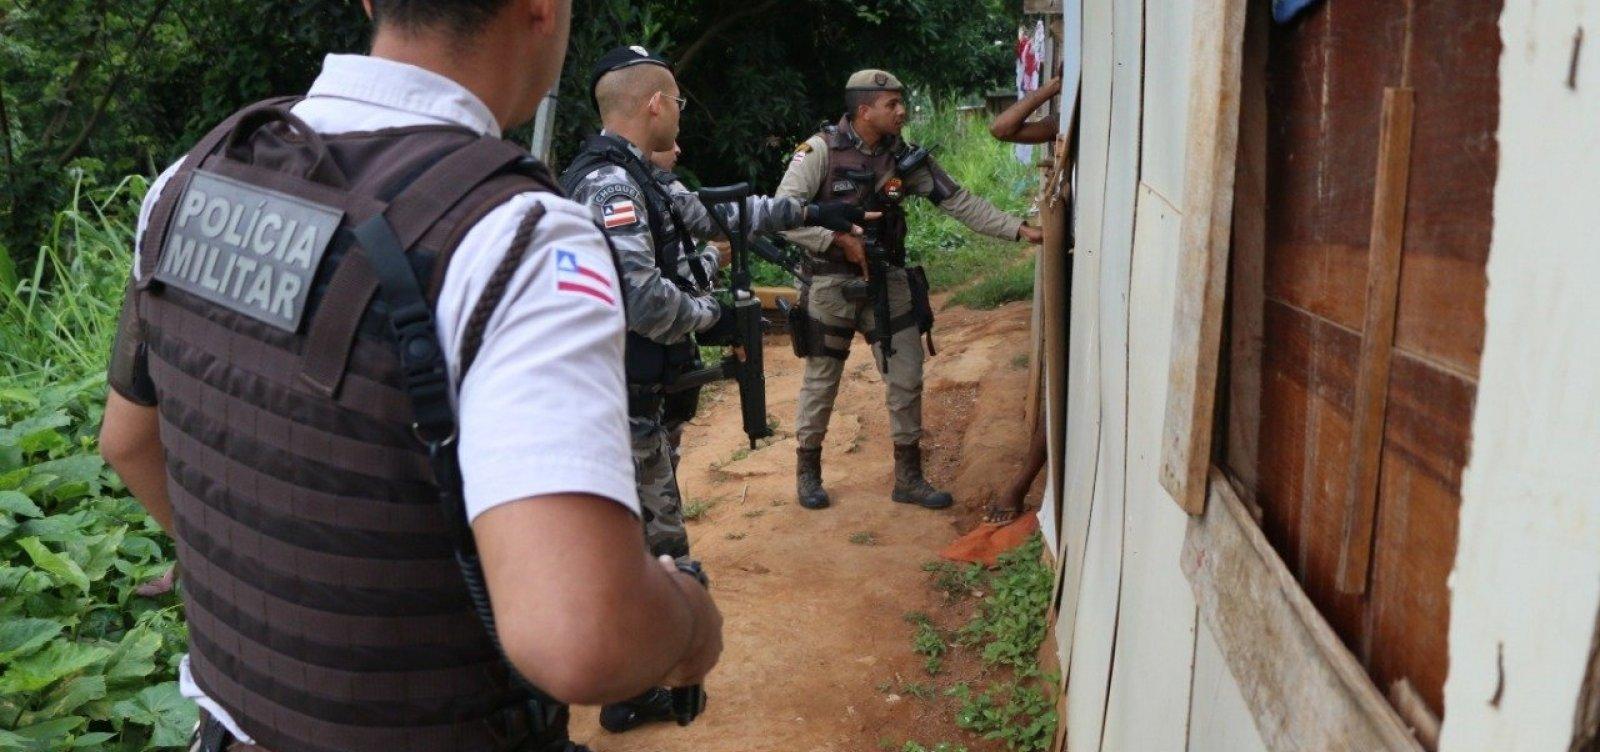 [Policiais vão receber R$ 40 mi por redução de mortes no semestre, diz SSP]